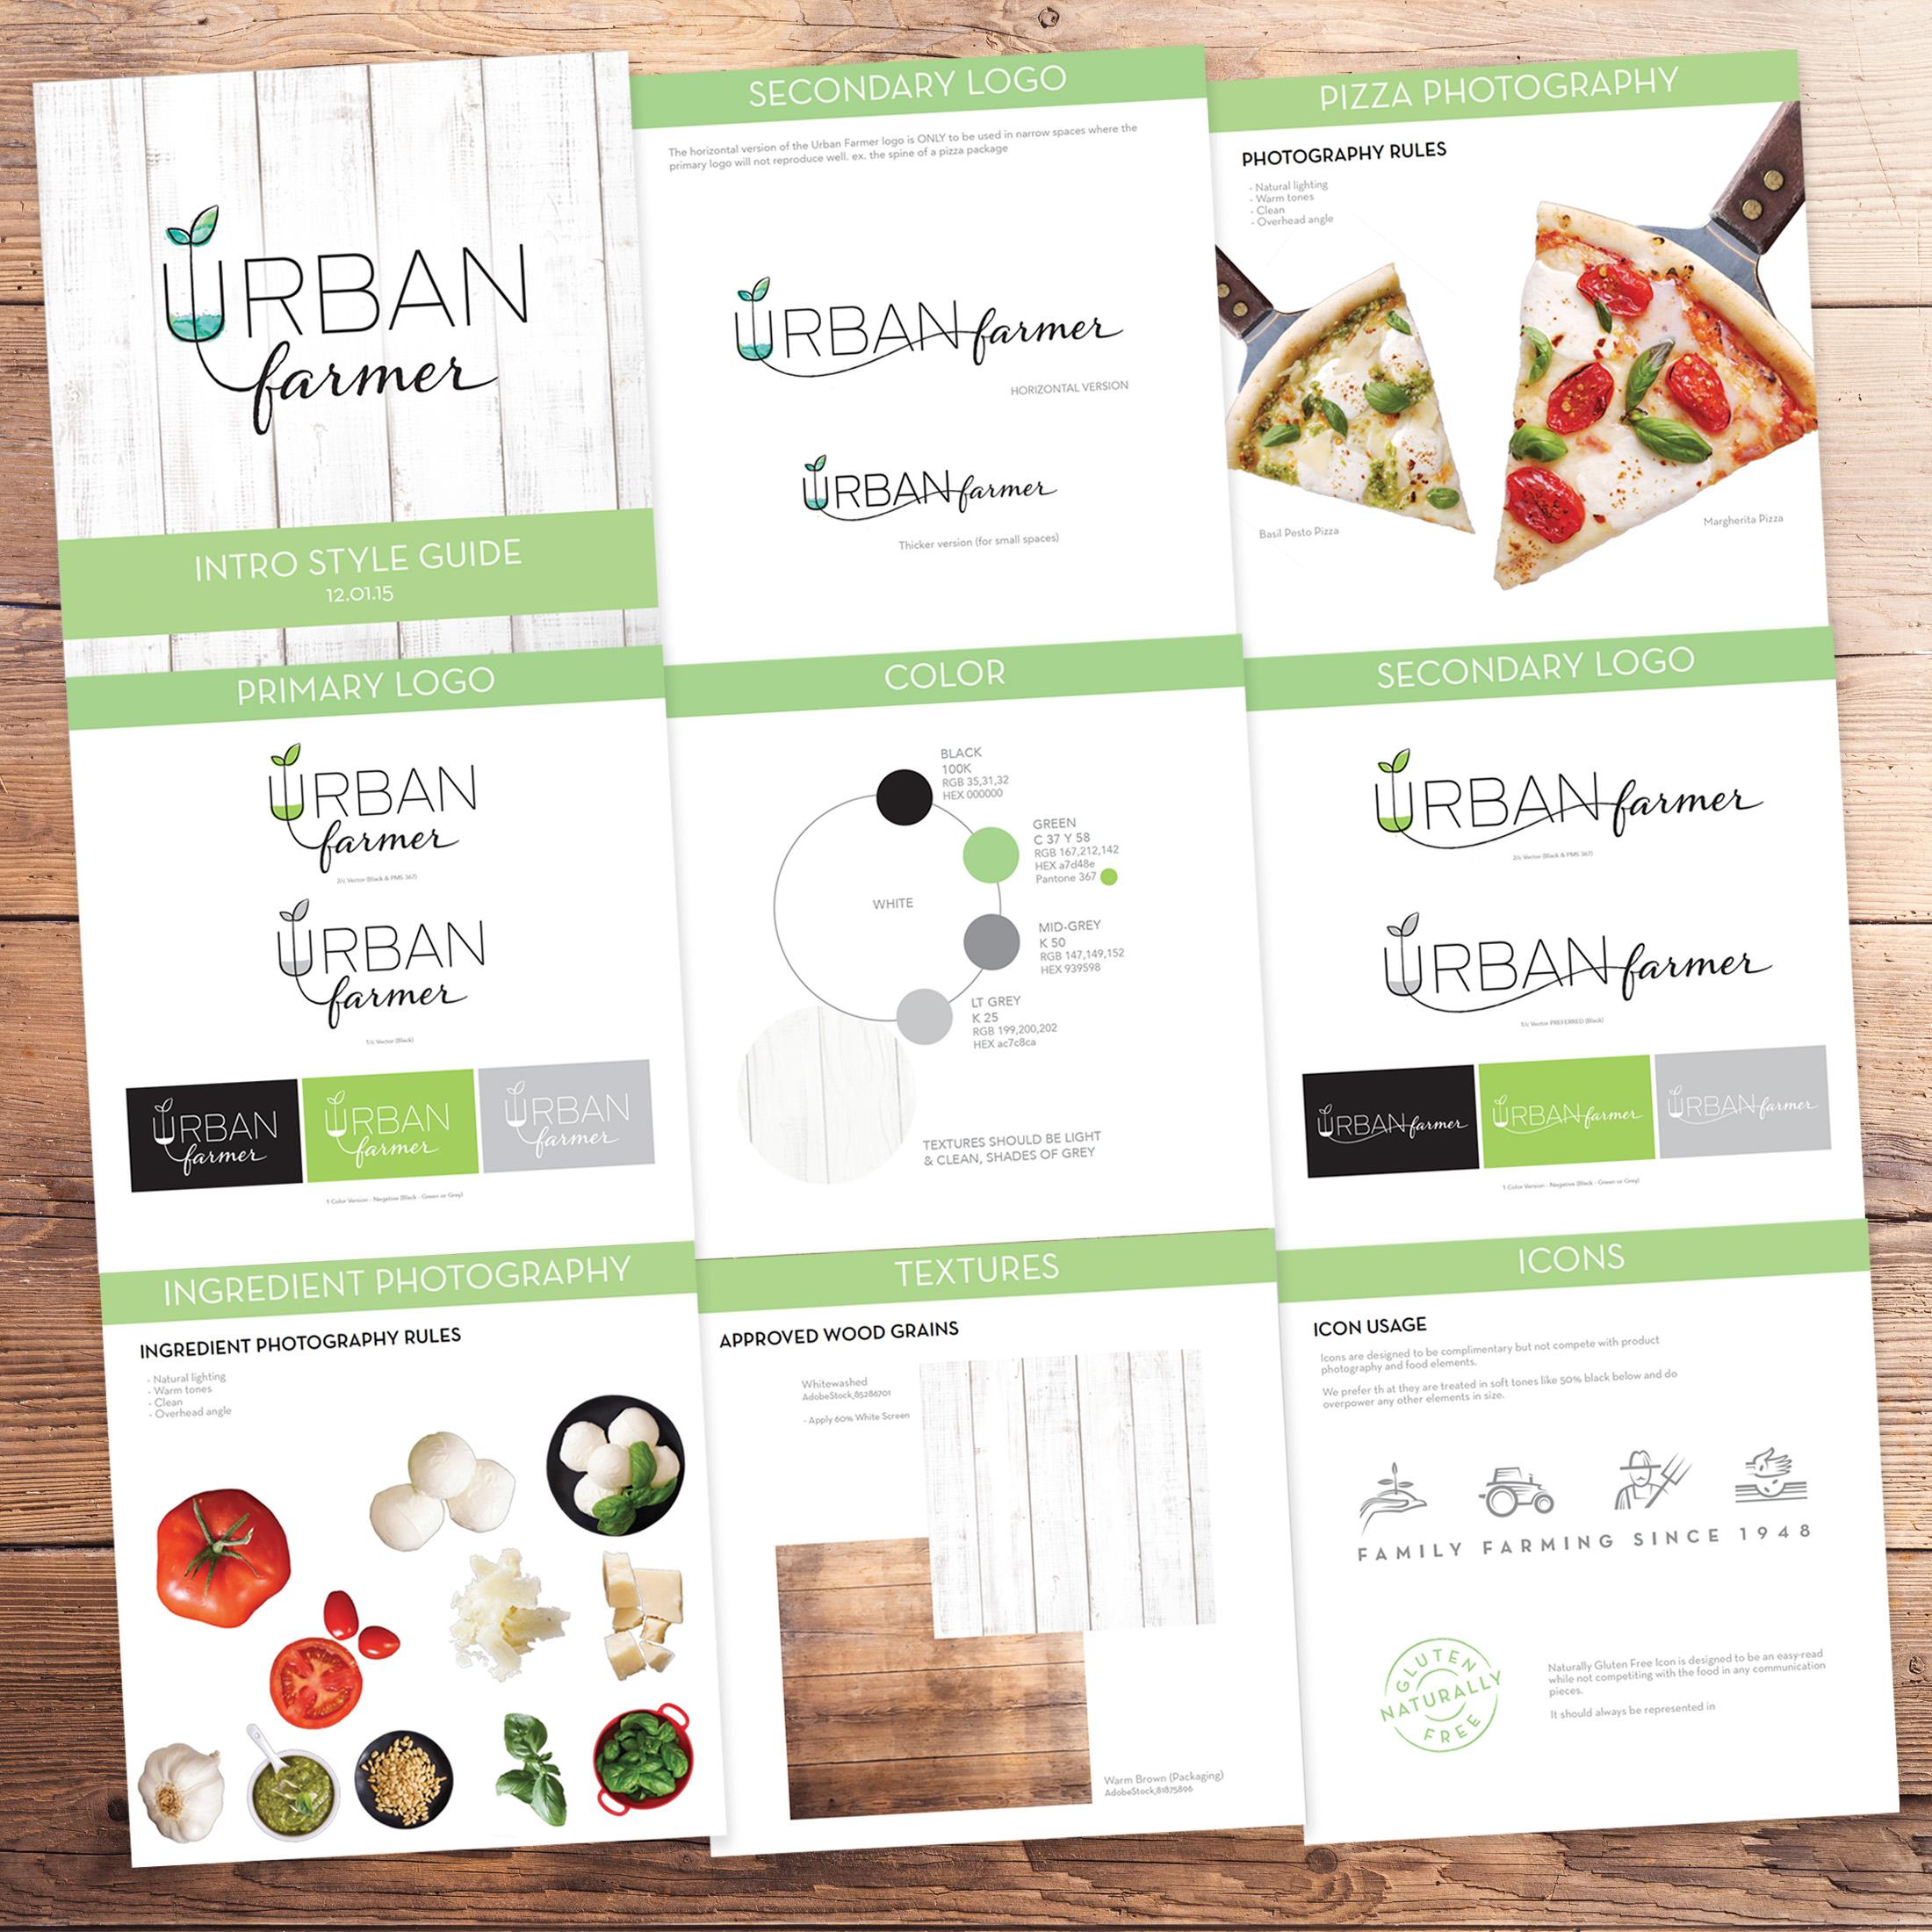 Urban Farmer Brand Development